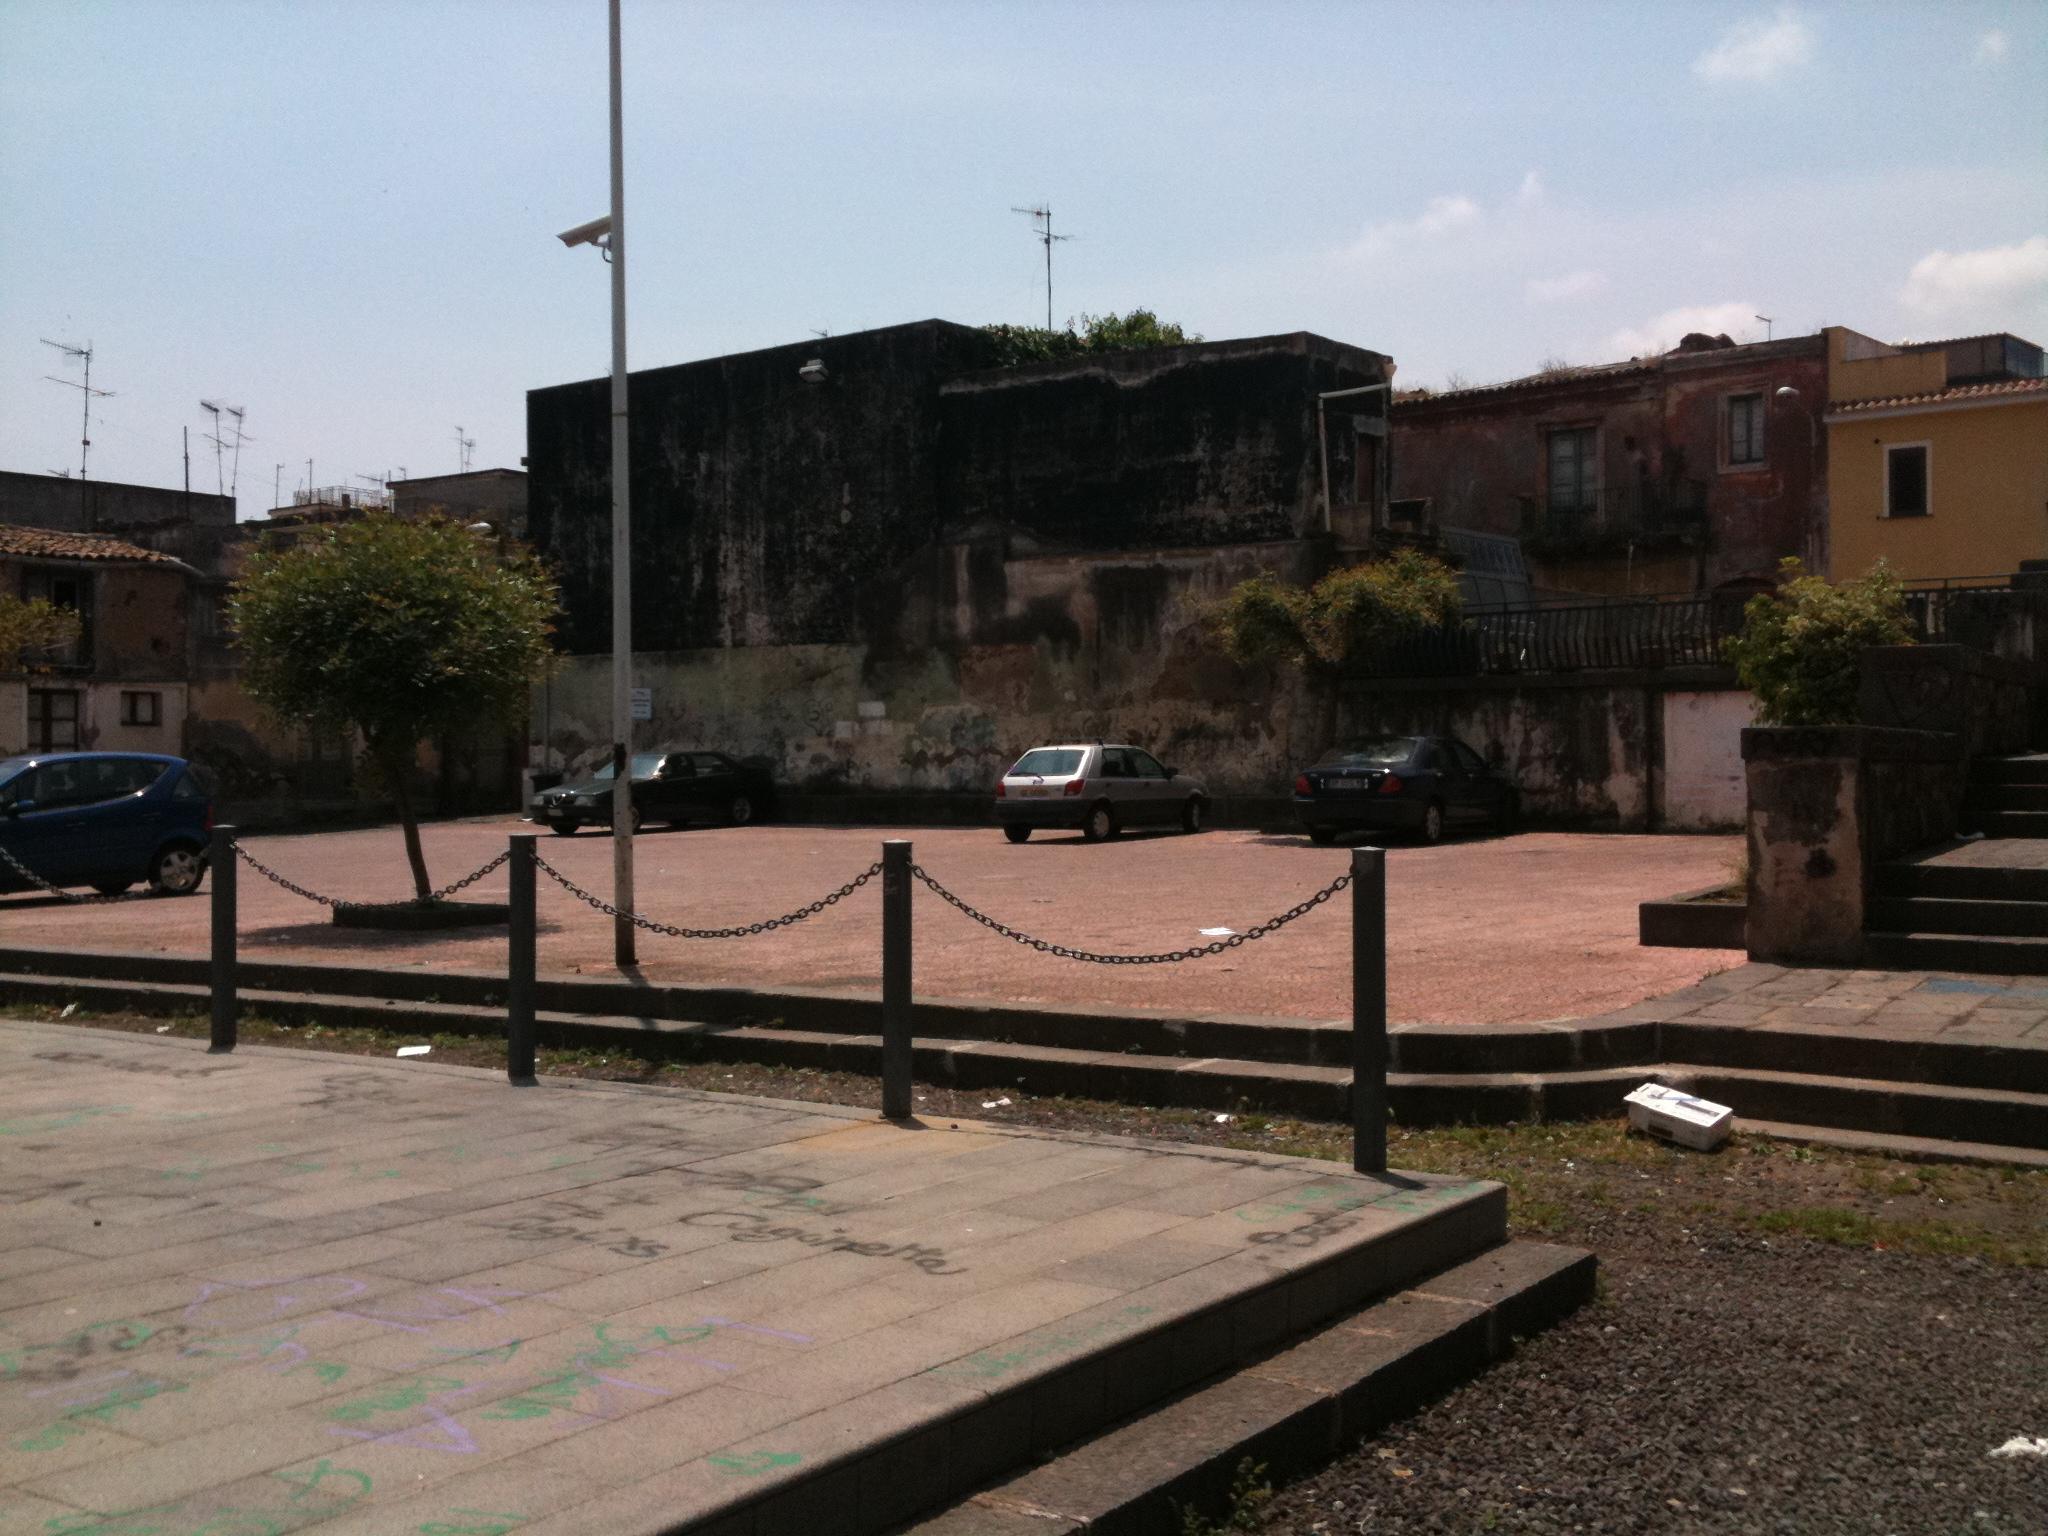 Camposanto vecchio: i residenti si mobilitano contro il Comune. Sabato sit-in in piazza De Andrè